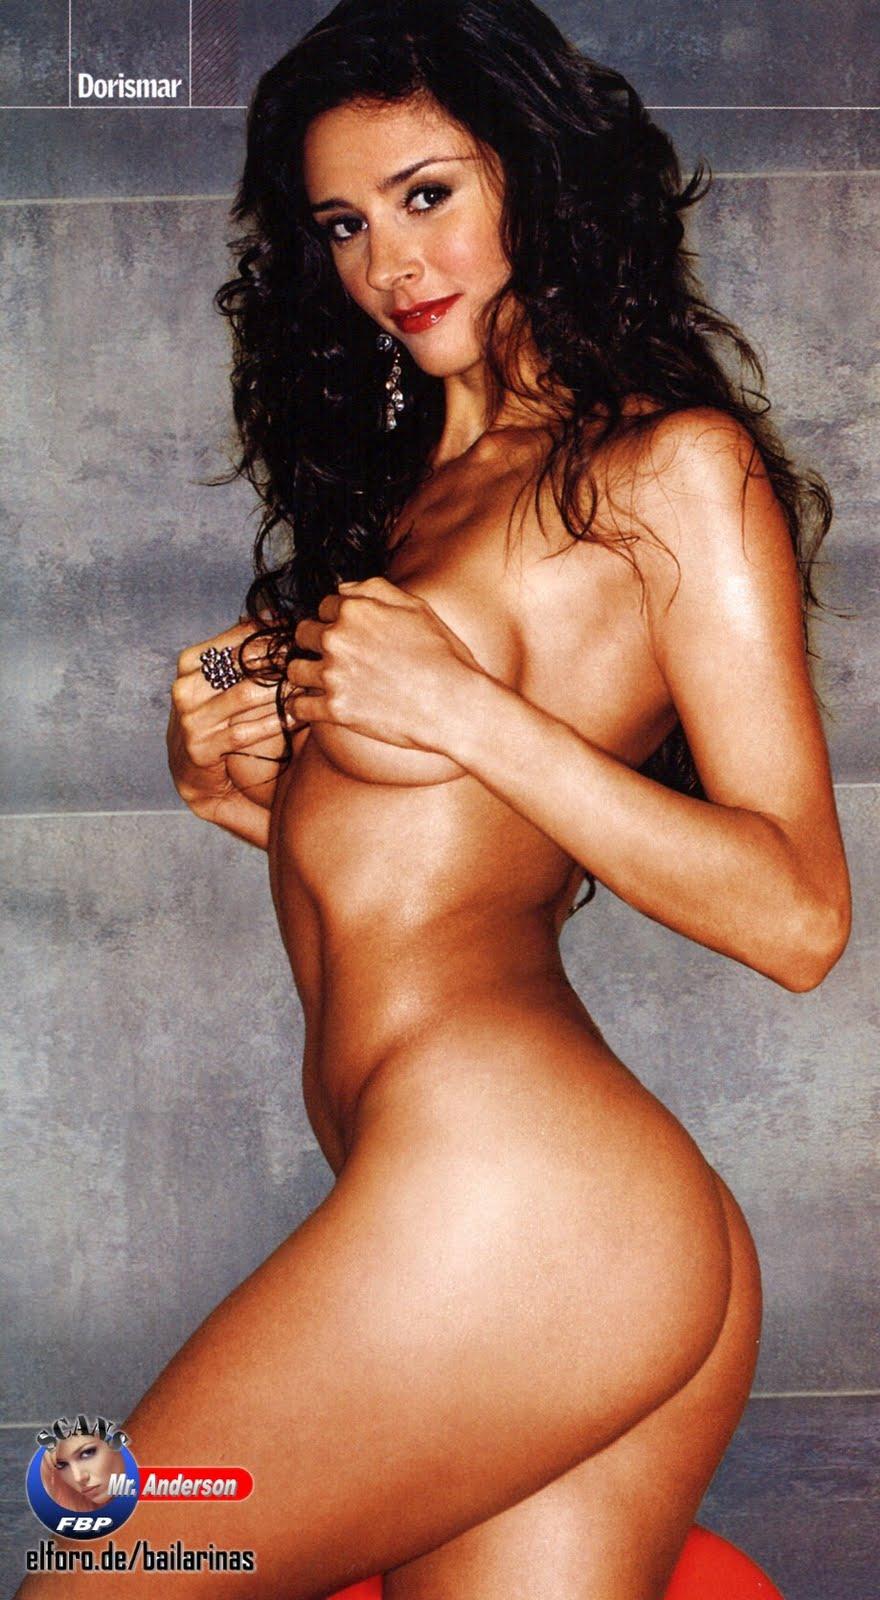 Famosas Desnudas Y Modelos Calientes Fotos De Jenny Mccarthy Desnuda